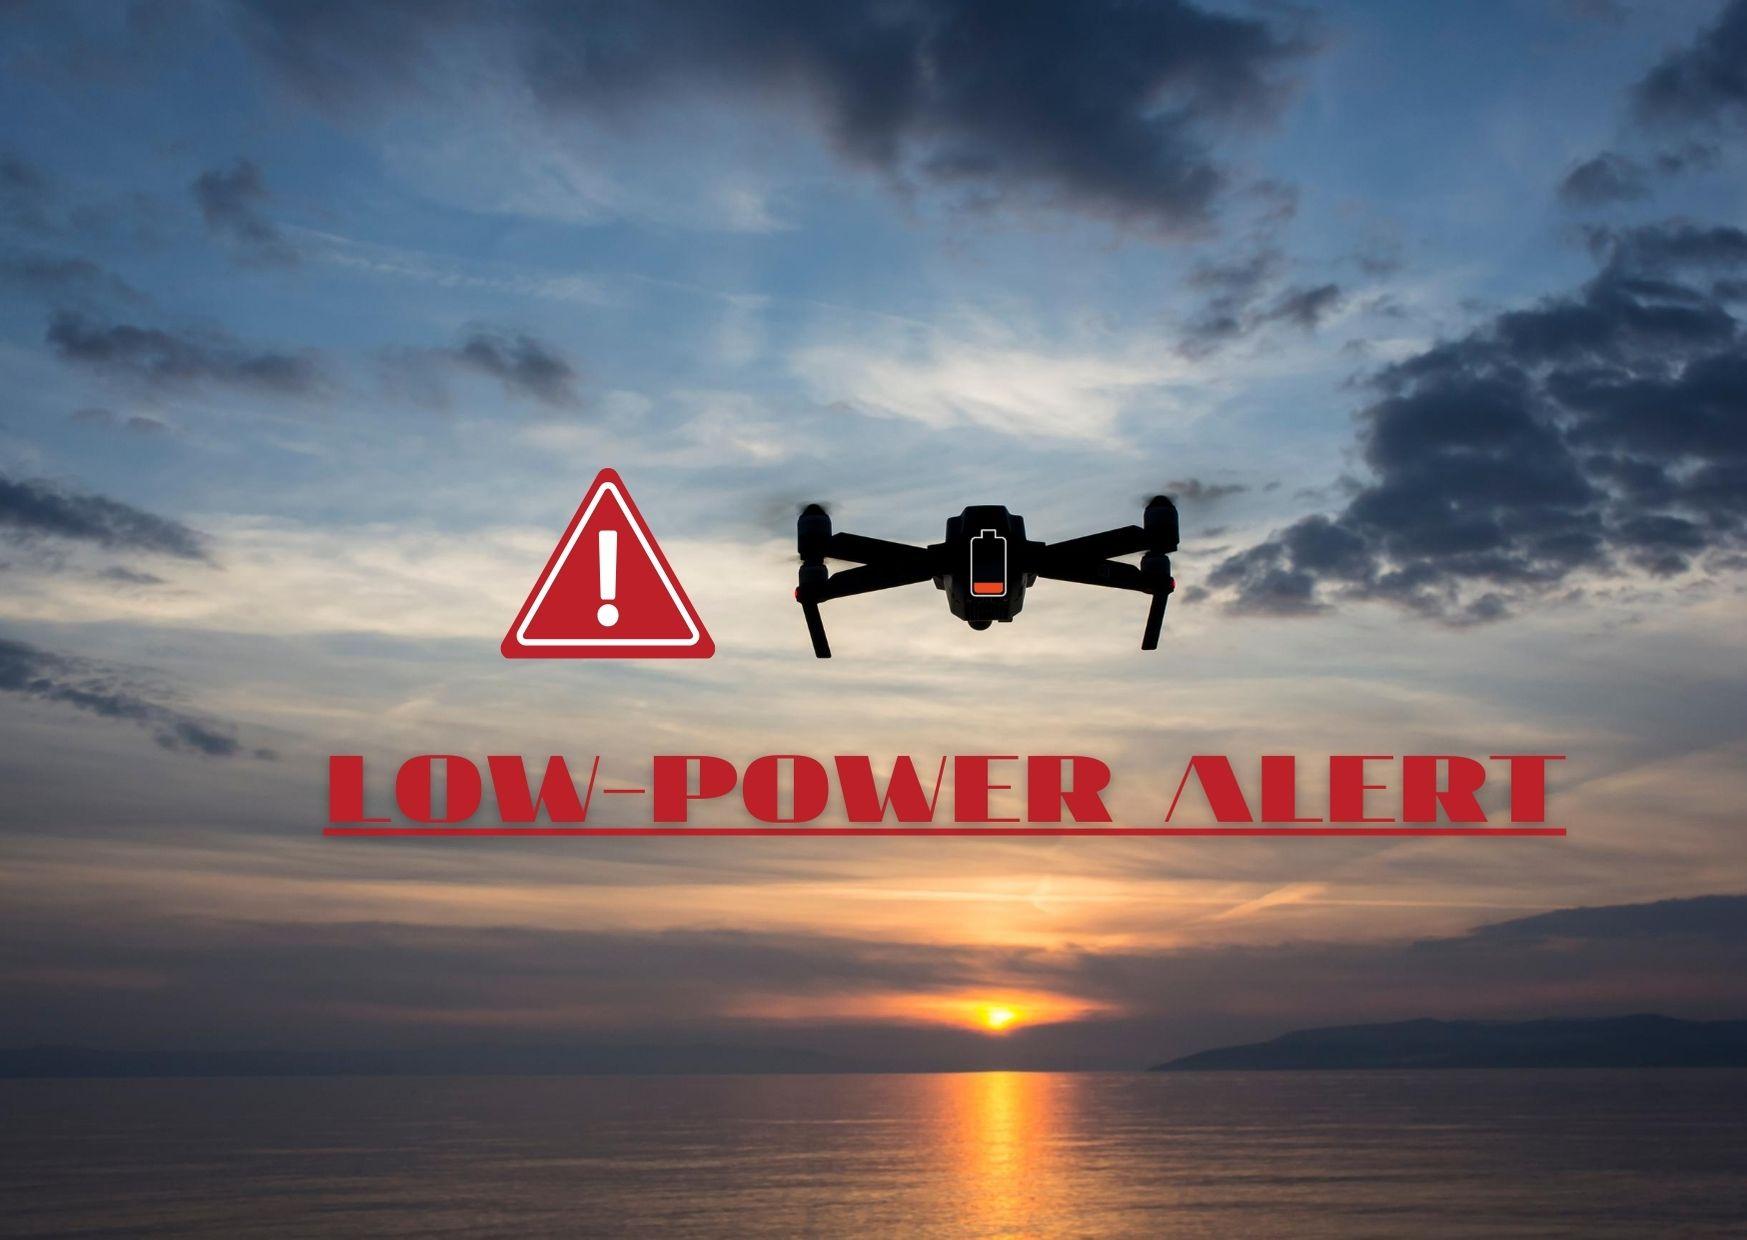 空拍機電池低電量警報